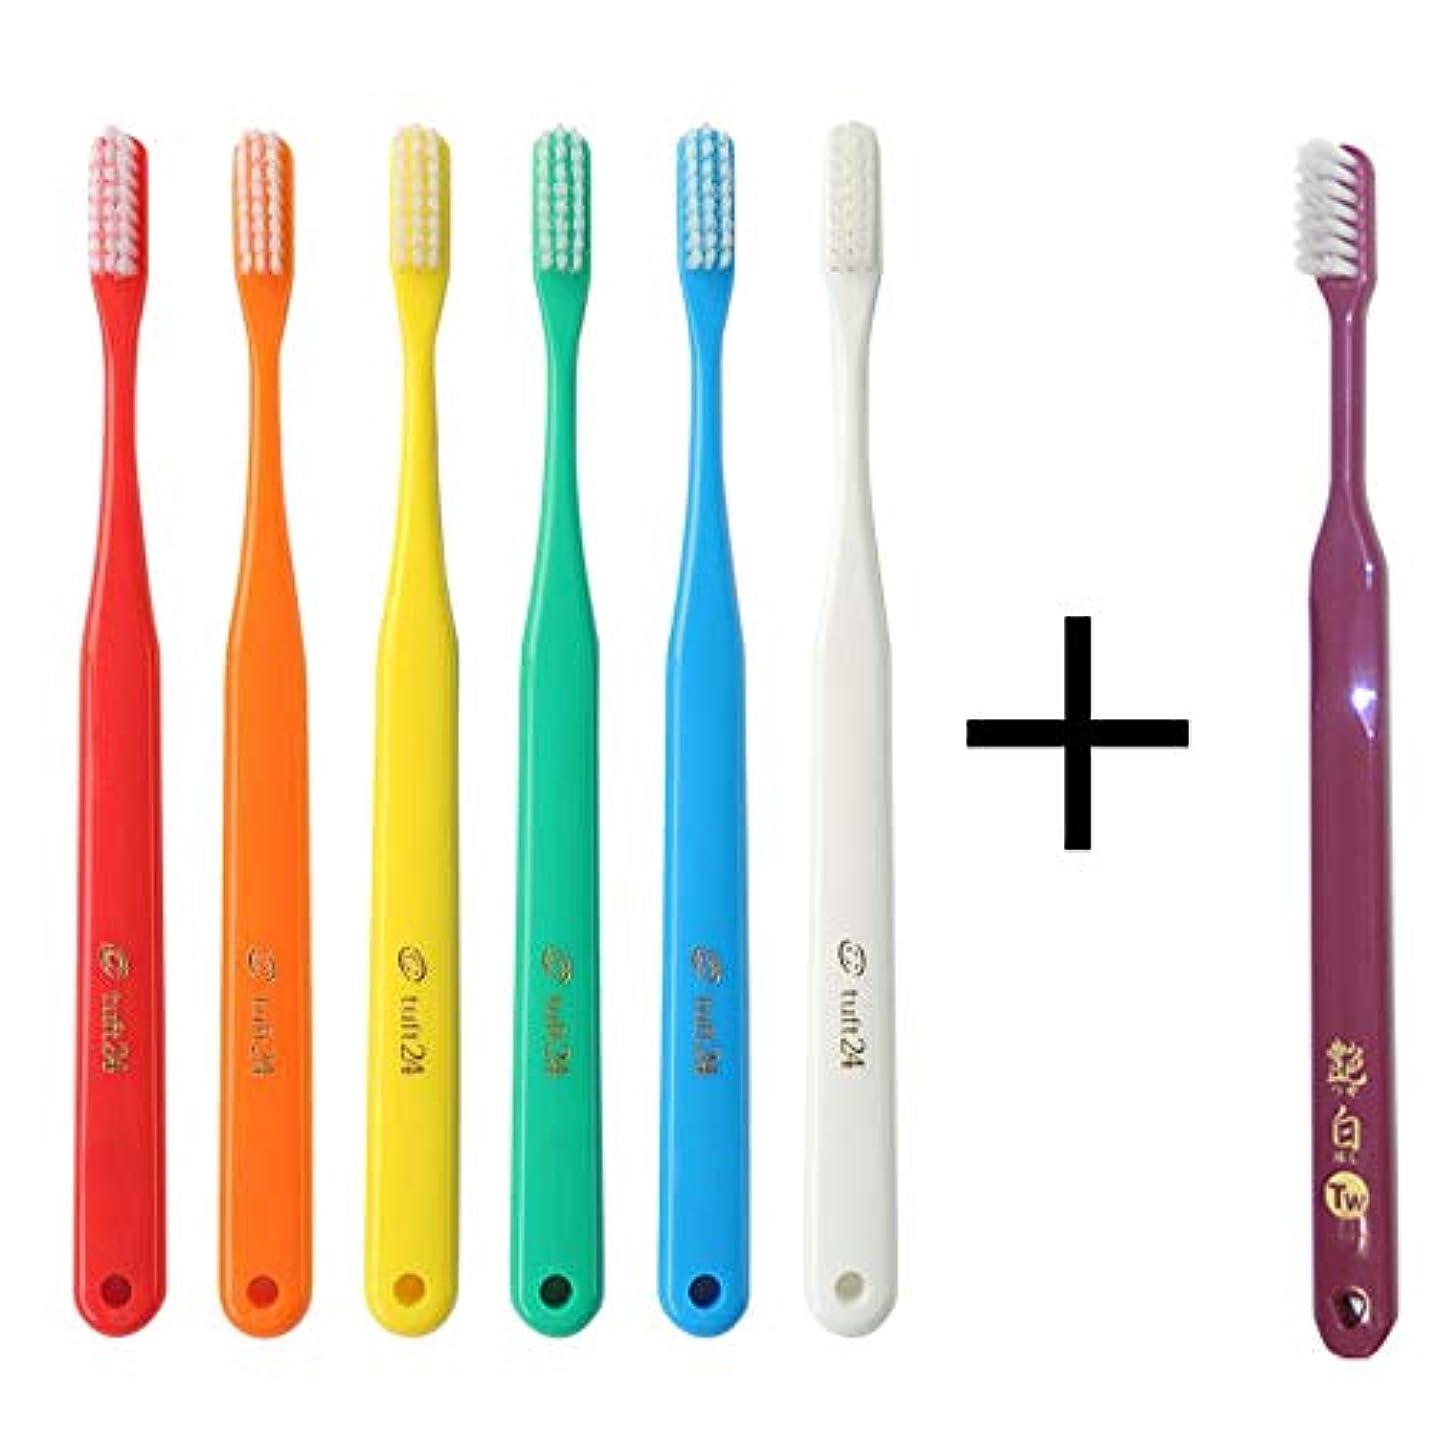 キャップなし タフト24 歯ブラシ × 25本入 S (アソート) + 艶白 歯ブラシ (日本製) ×1本 MS(やややわらかめ) 大人用歯ブラシ 歯科医院取扱品